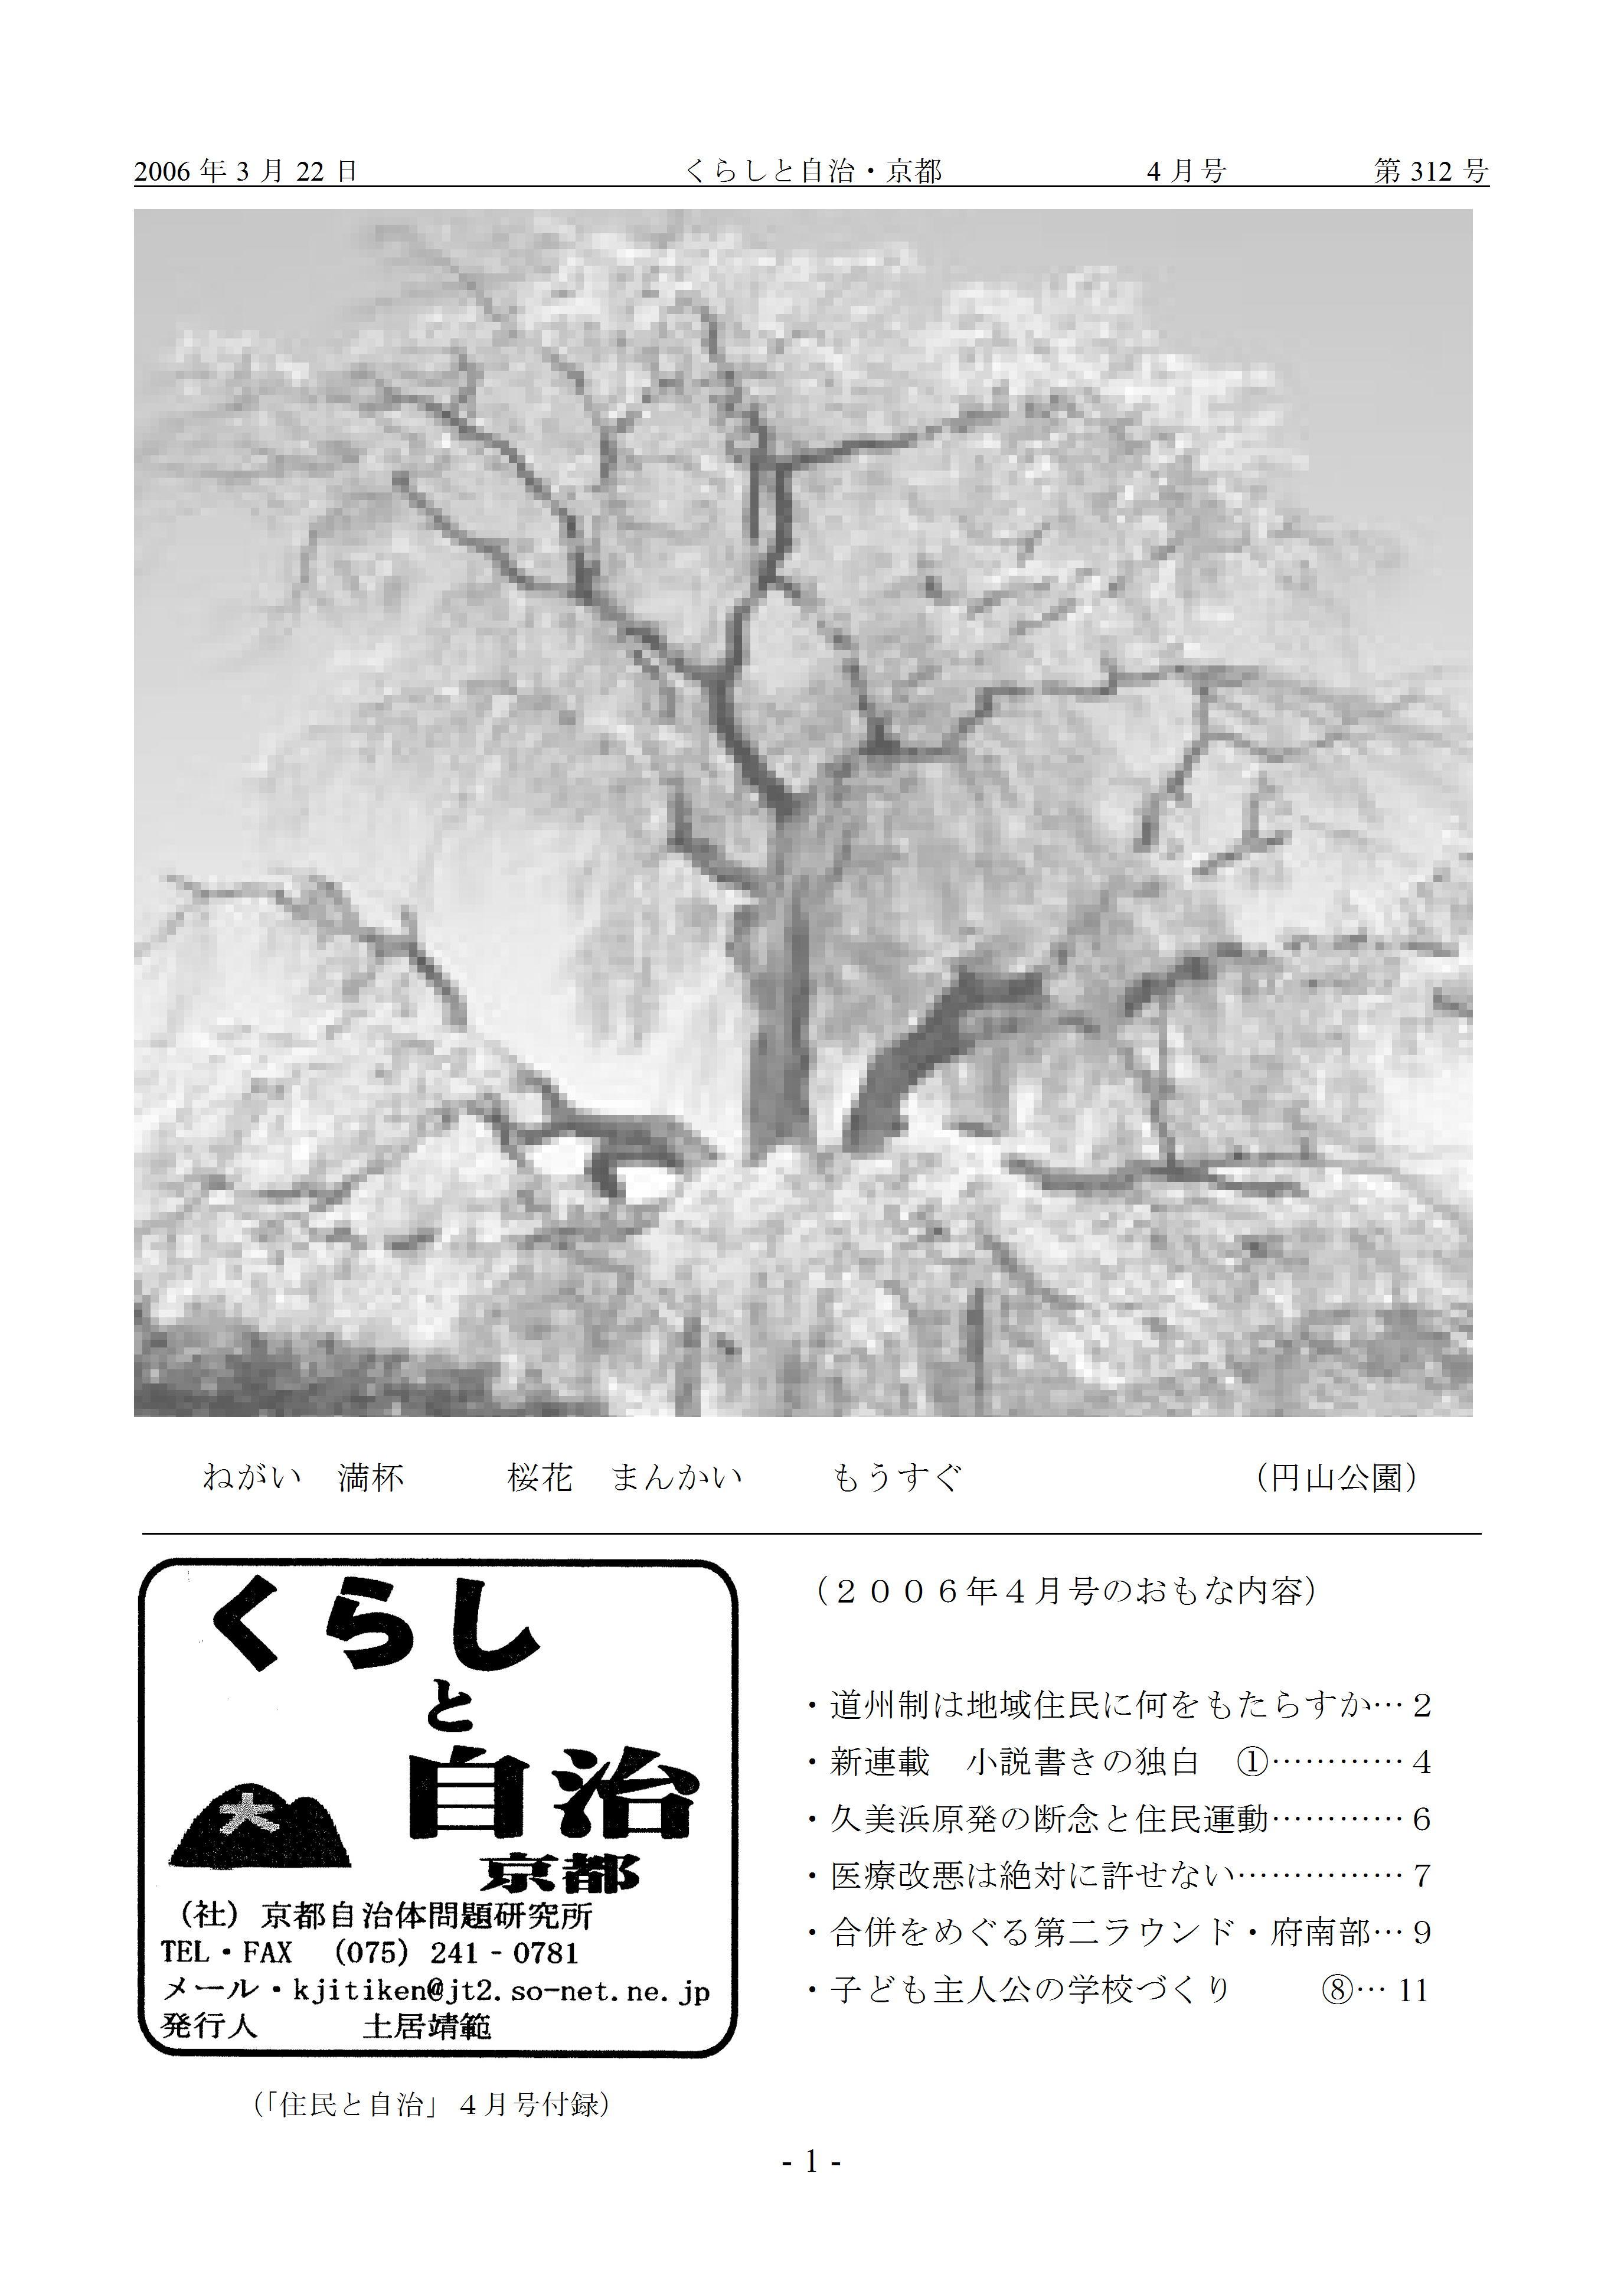 月報「くらしと自治・京都」2006年04月号 第312号